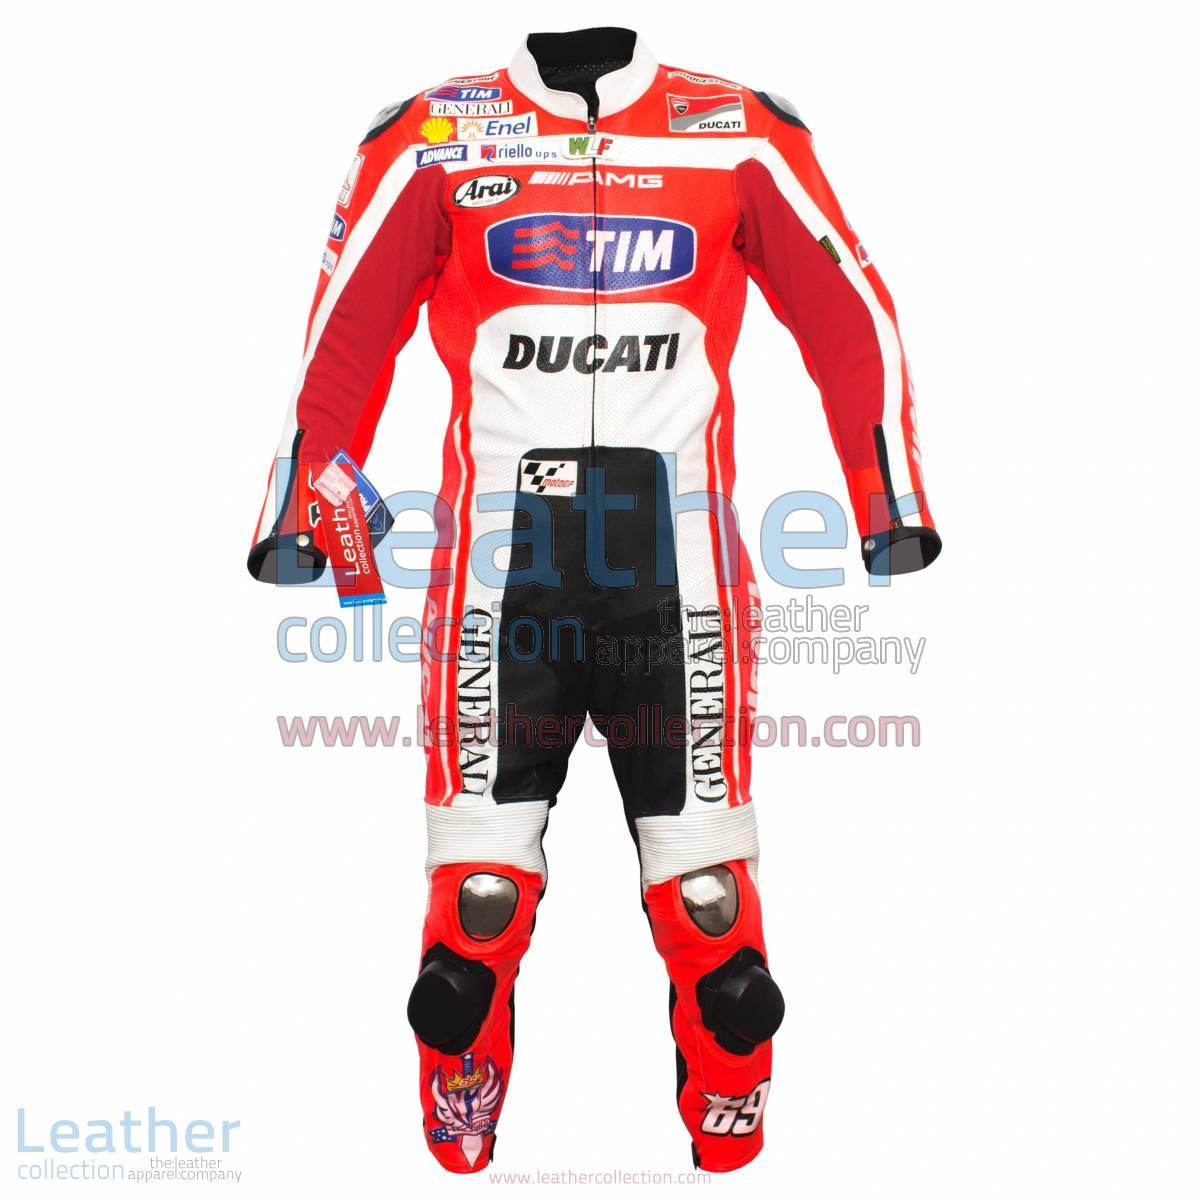 Nicky Hayden Ducati MotoGP 2012 Race Leather Suit | nicky hayden,ducati leather suit